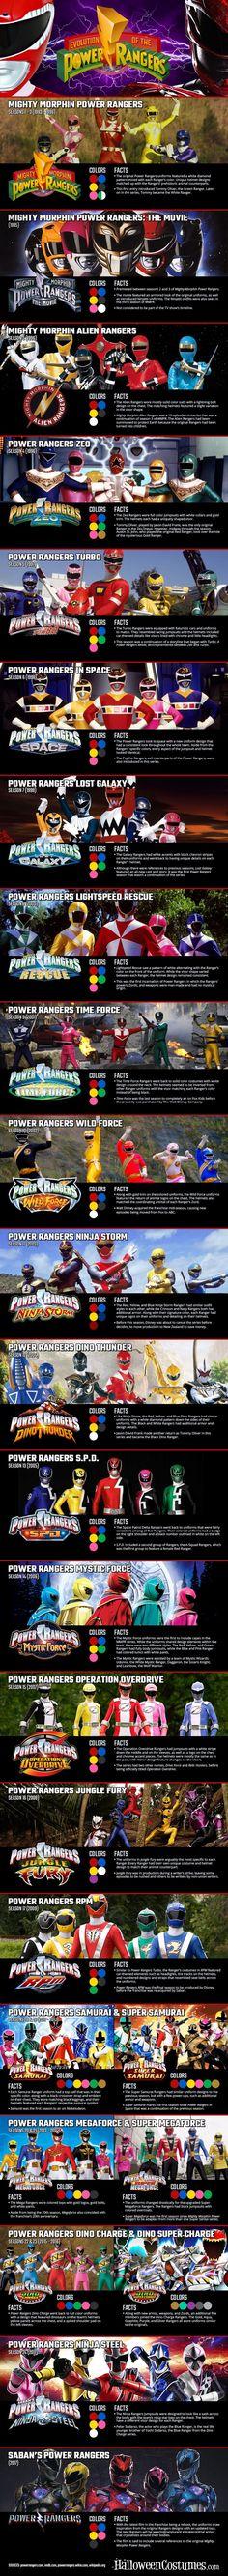 The Evolution Of Power Rangers Costumes #SonGokuKakarot